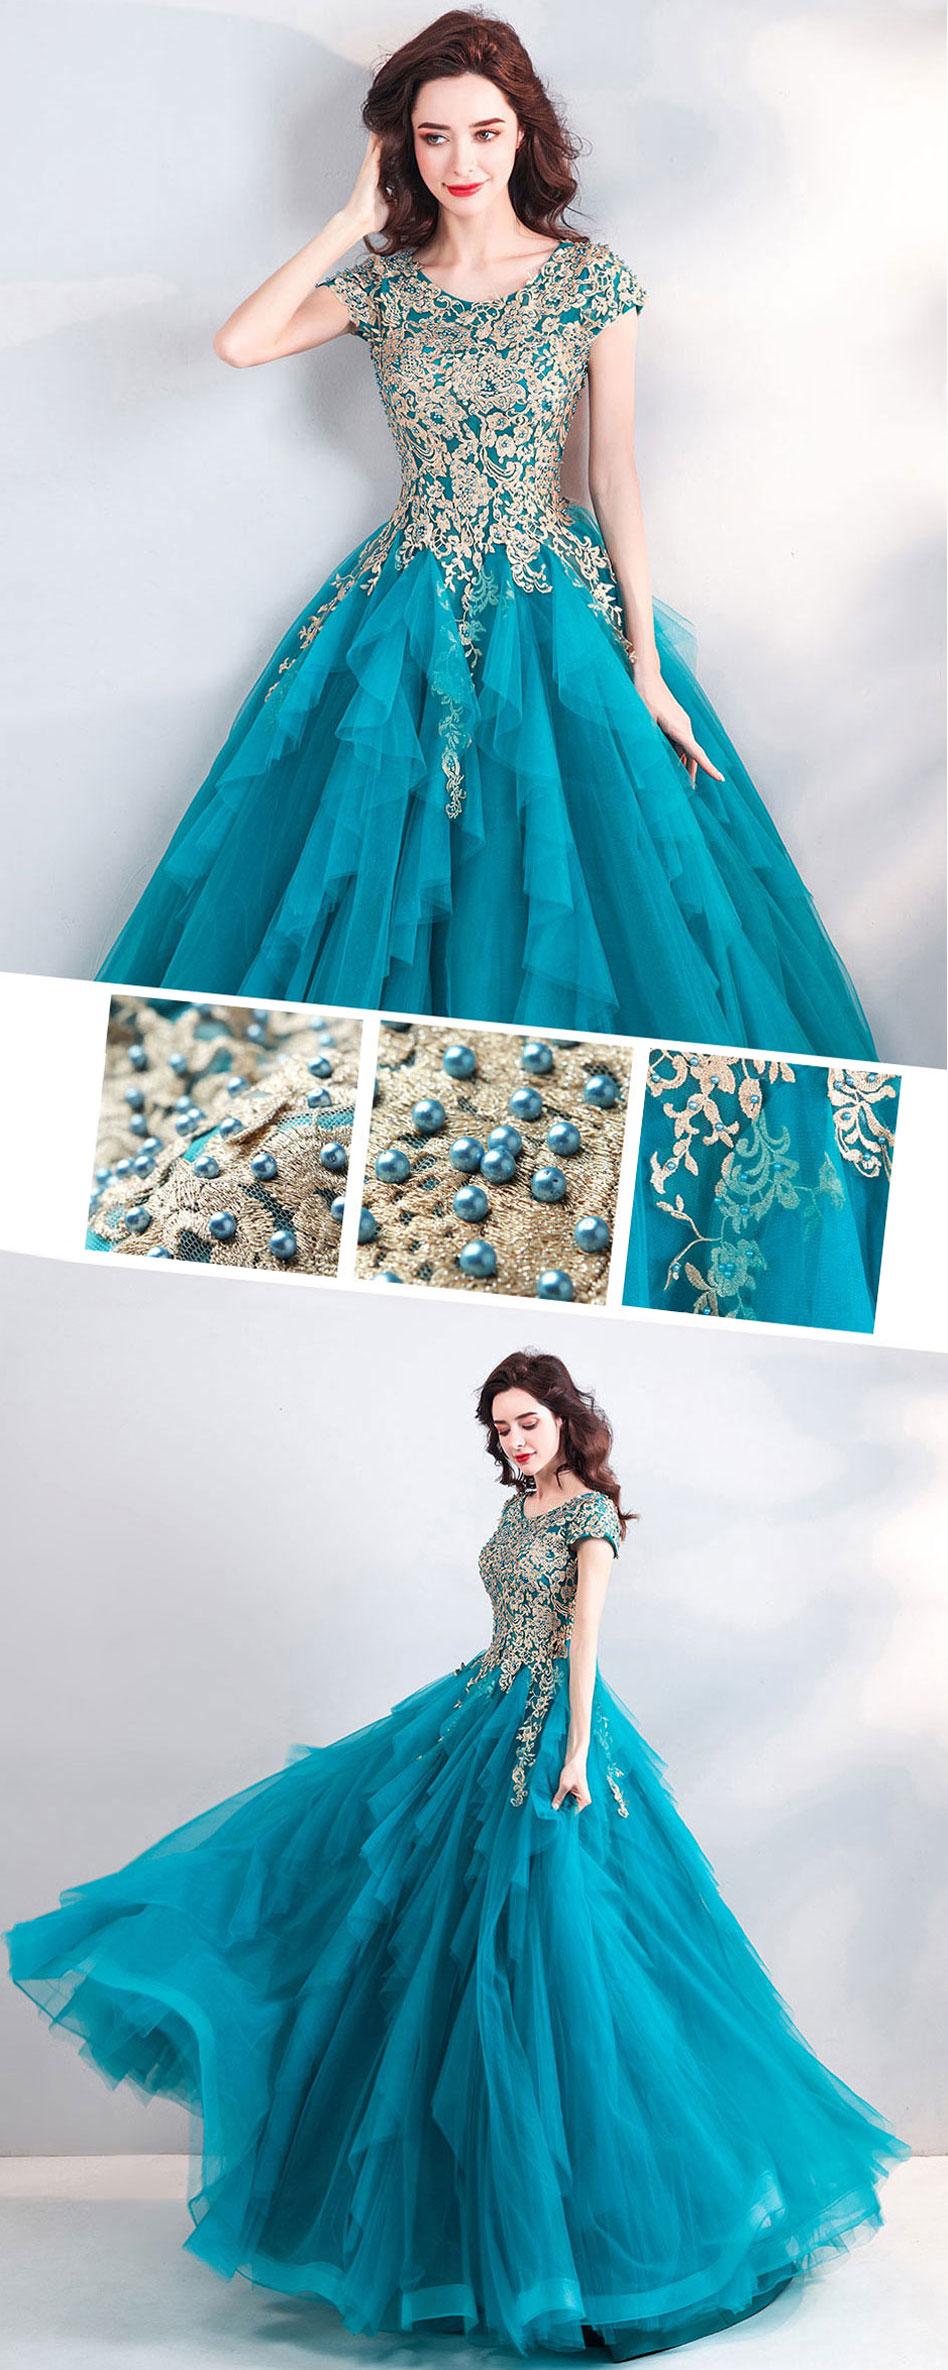 robe de bal turquoise brodé pas cher